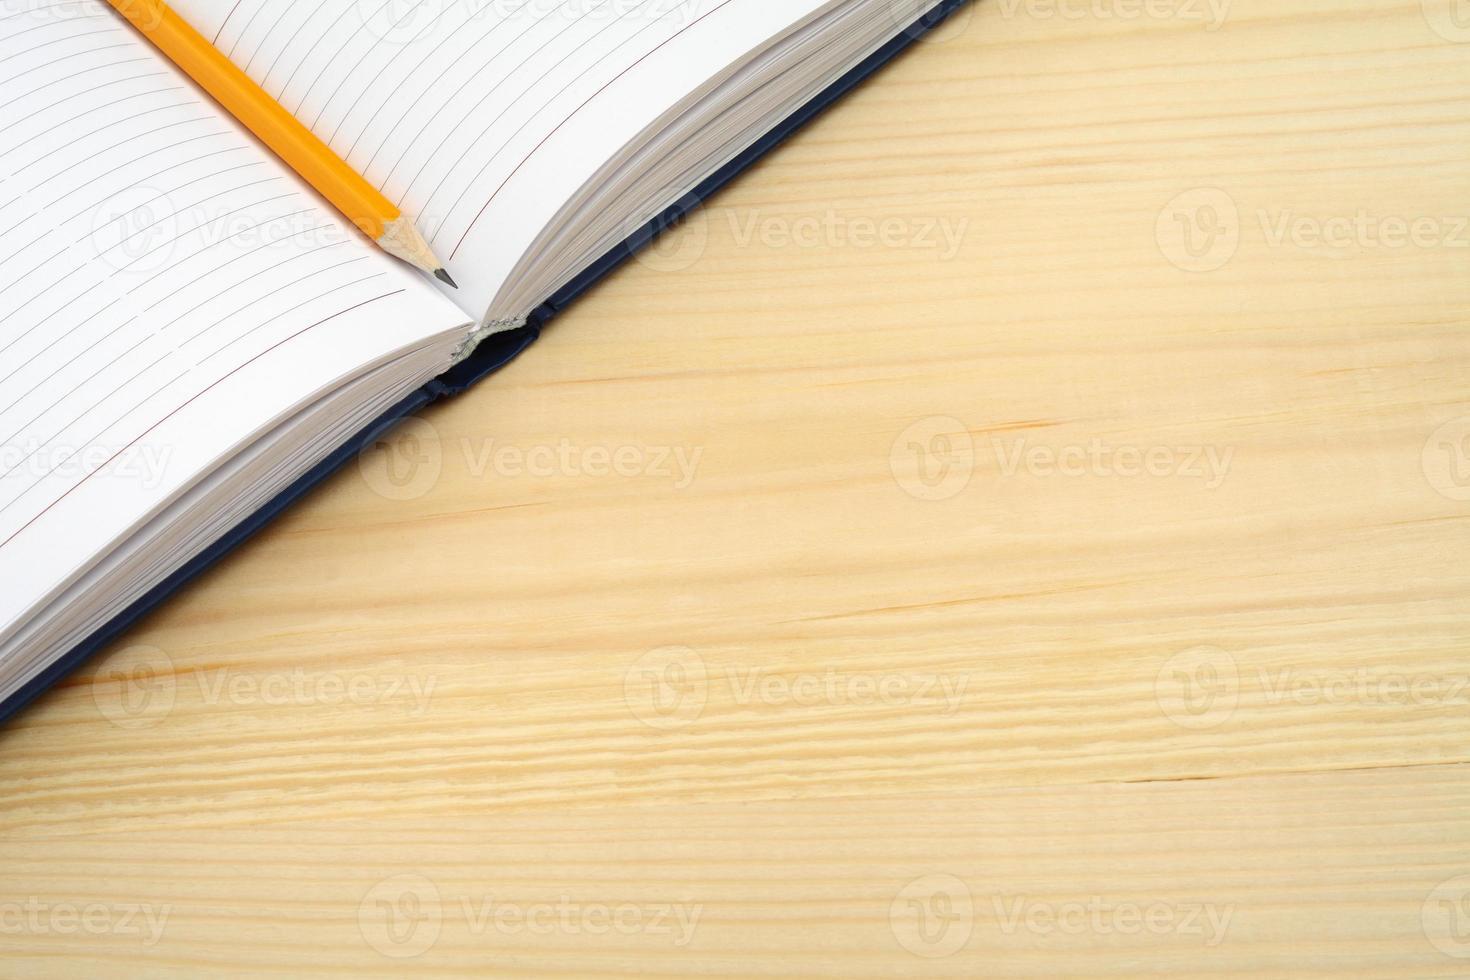 diário e lápis na mesa de madeira com espaço de texto livre. foto